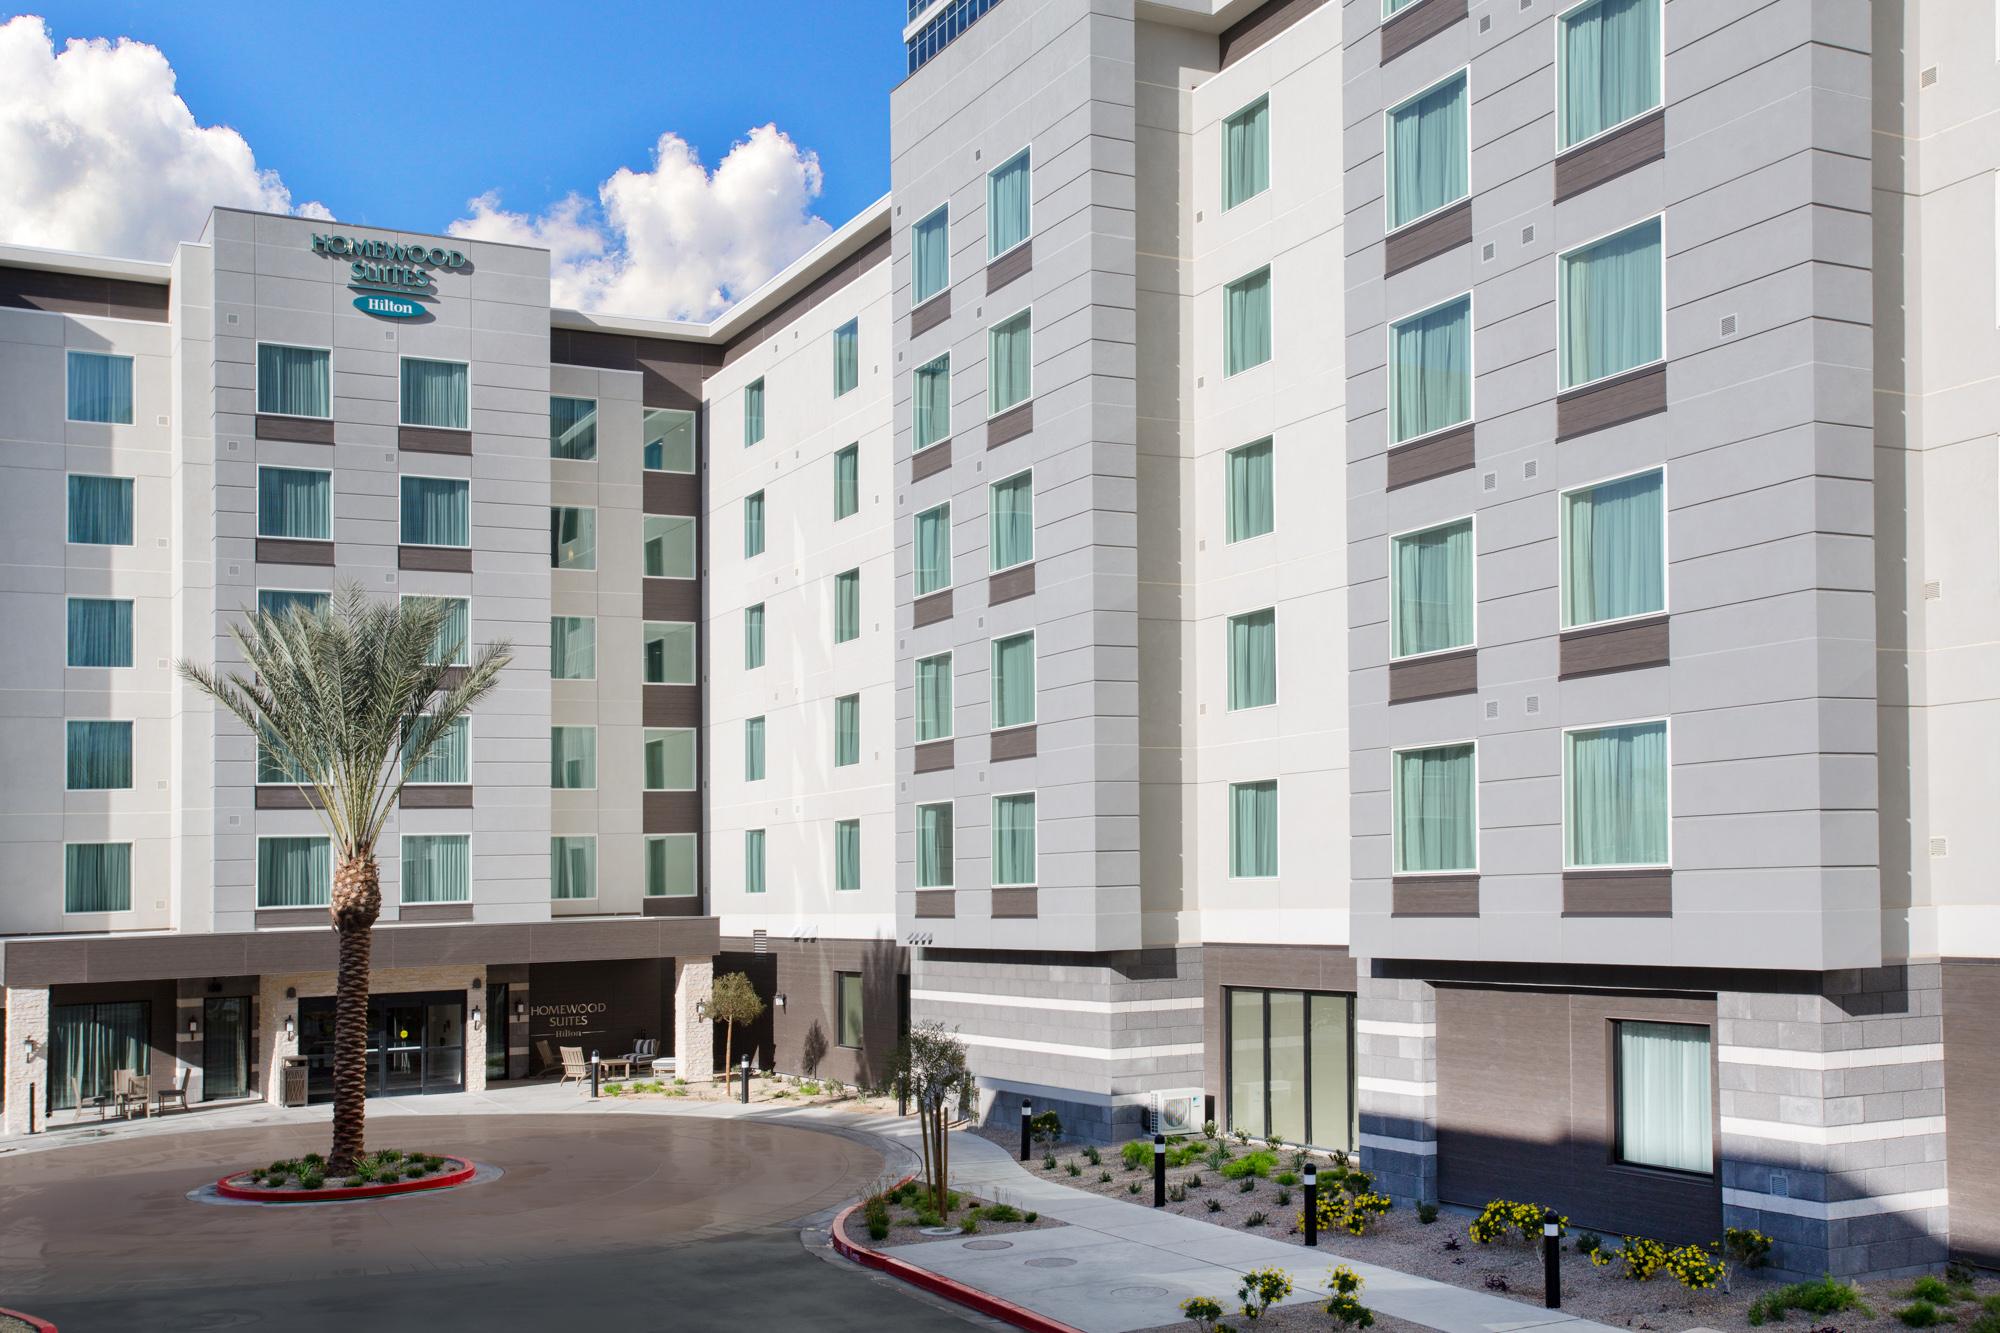 Homewood Suites Las Vegas Exterior-low res.jpg